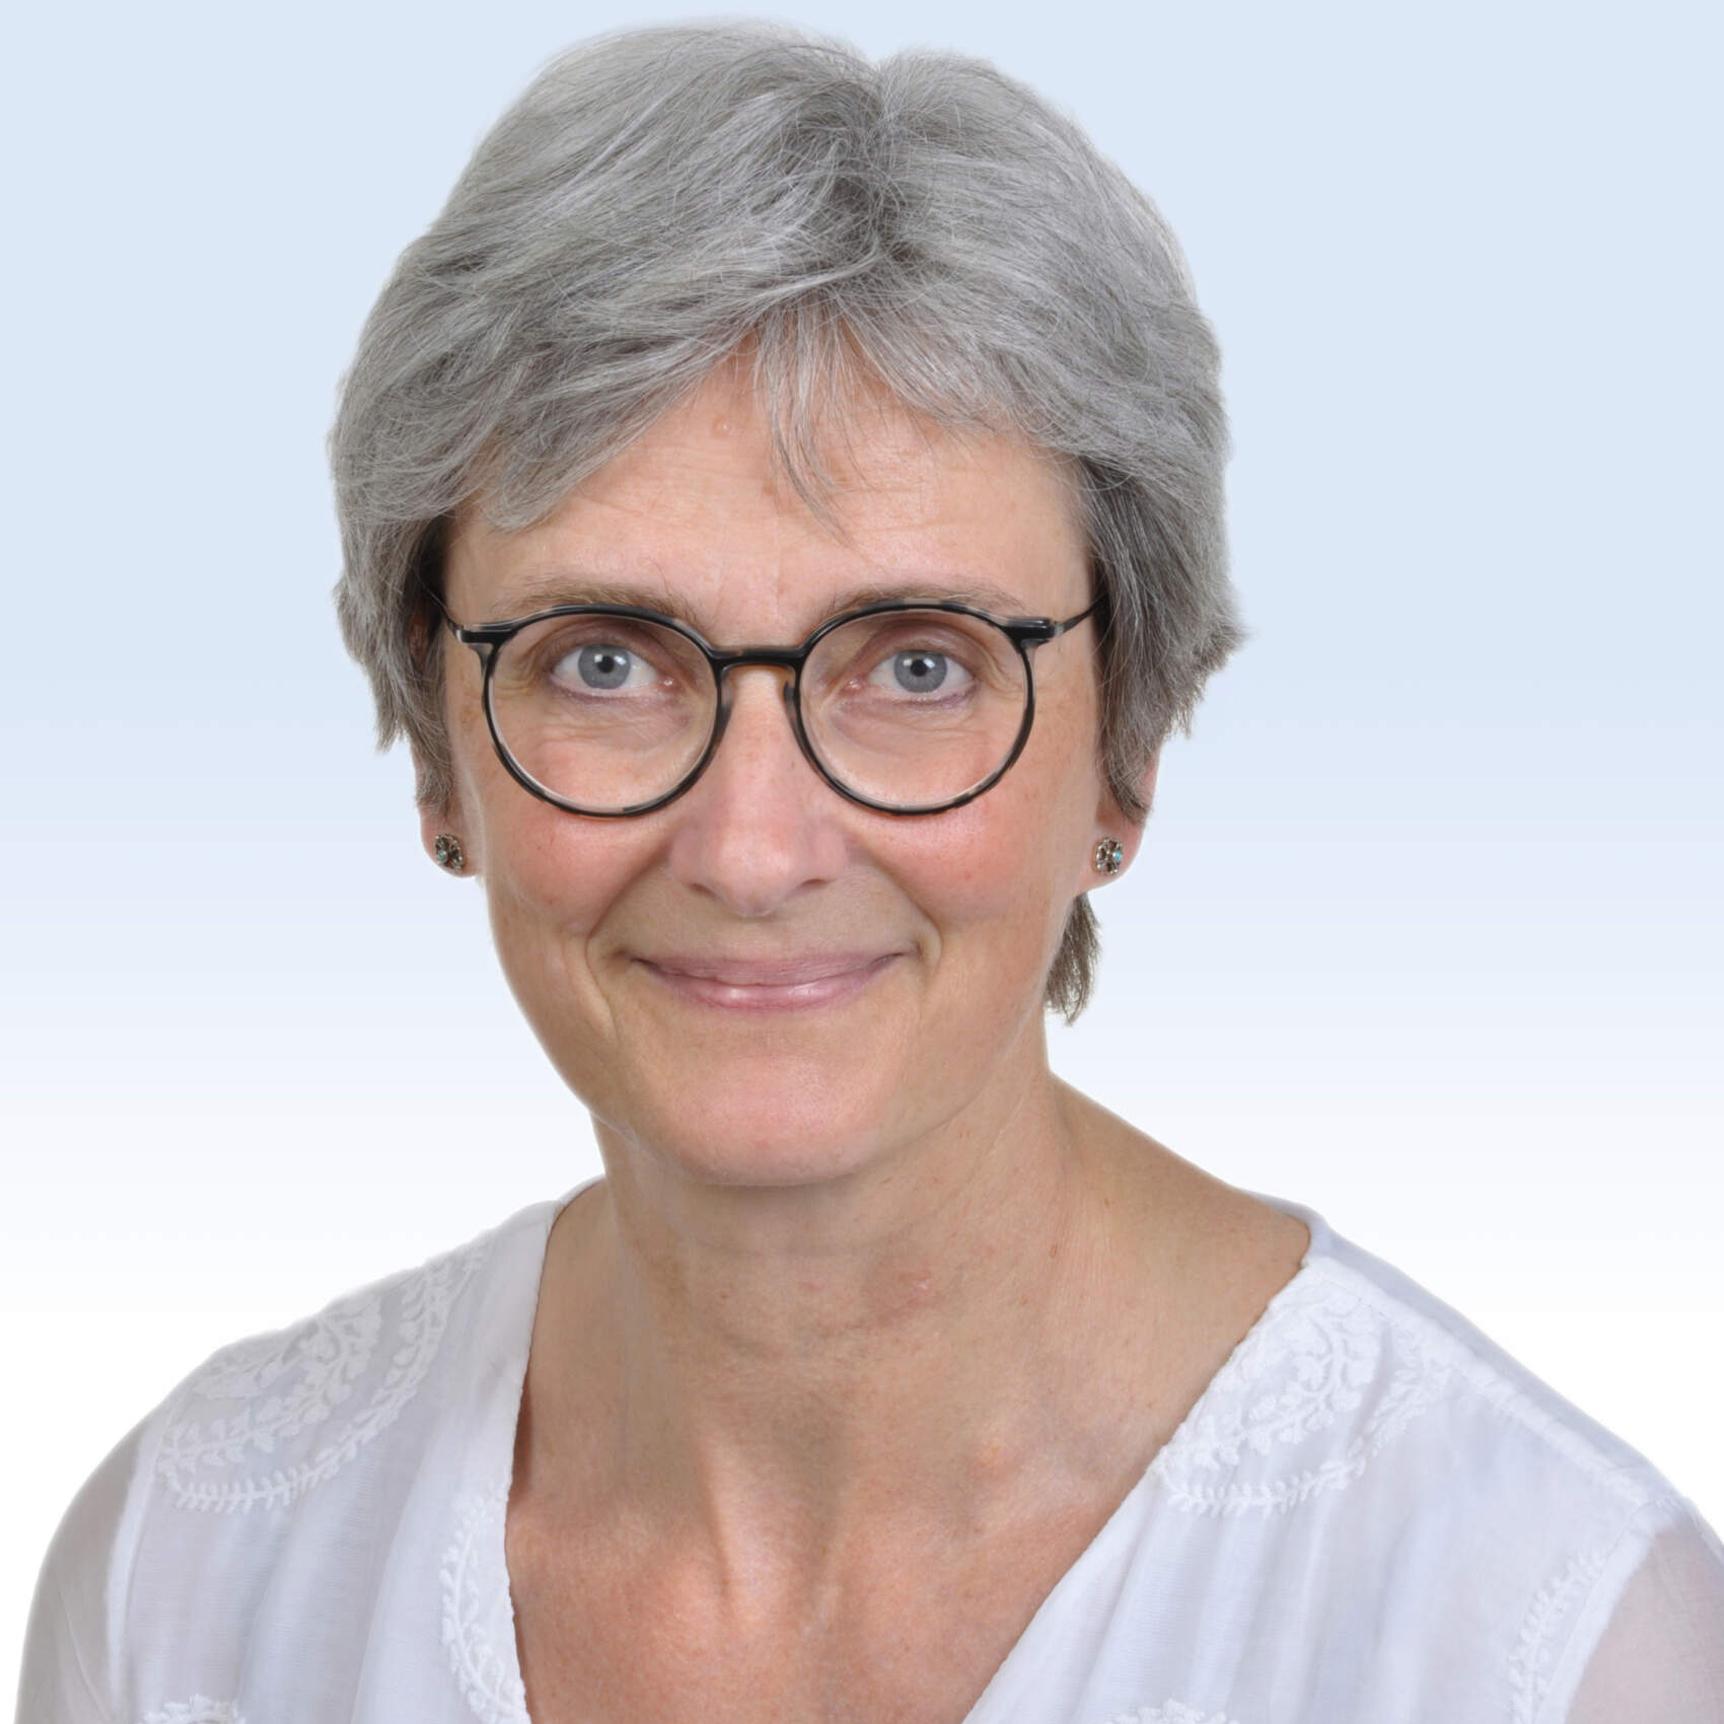 Simone Hofsäß